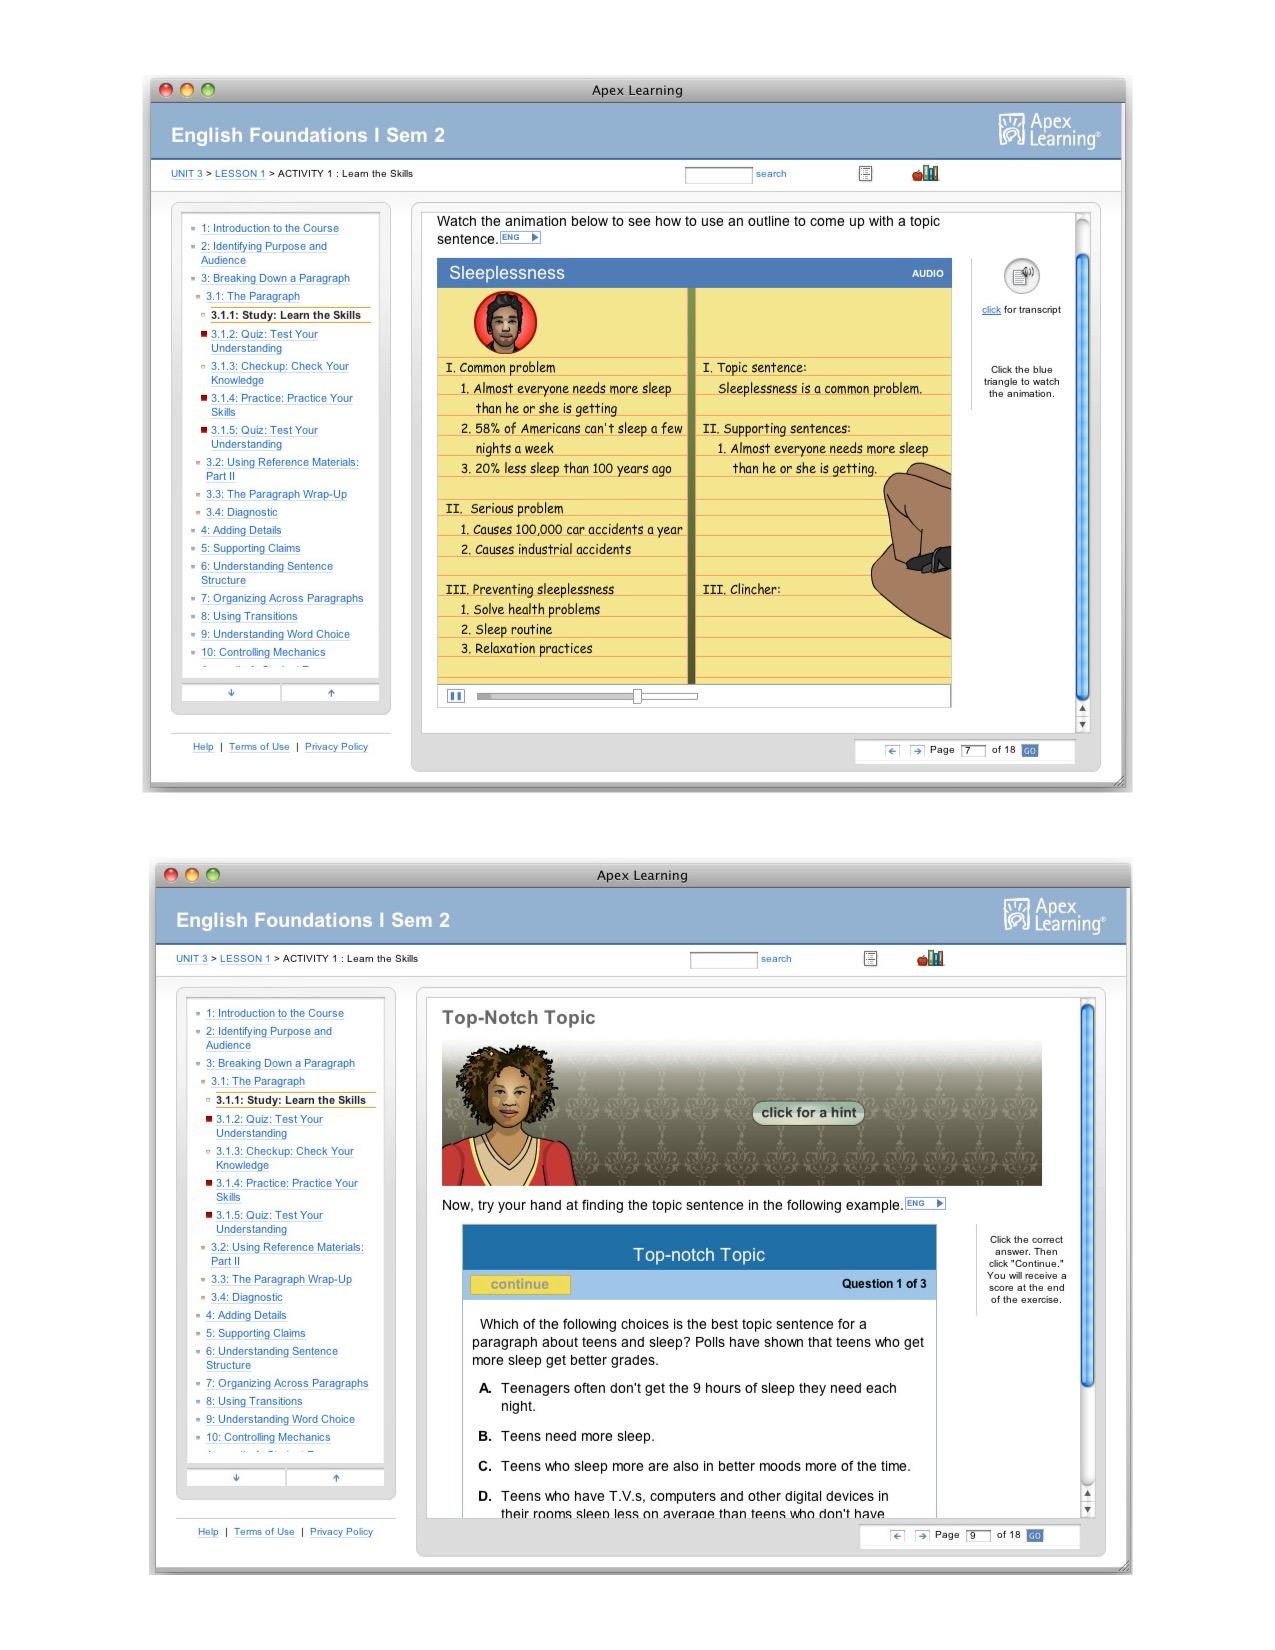 Gutschmidt_Apex_Foundations_Screenshots 4